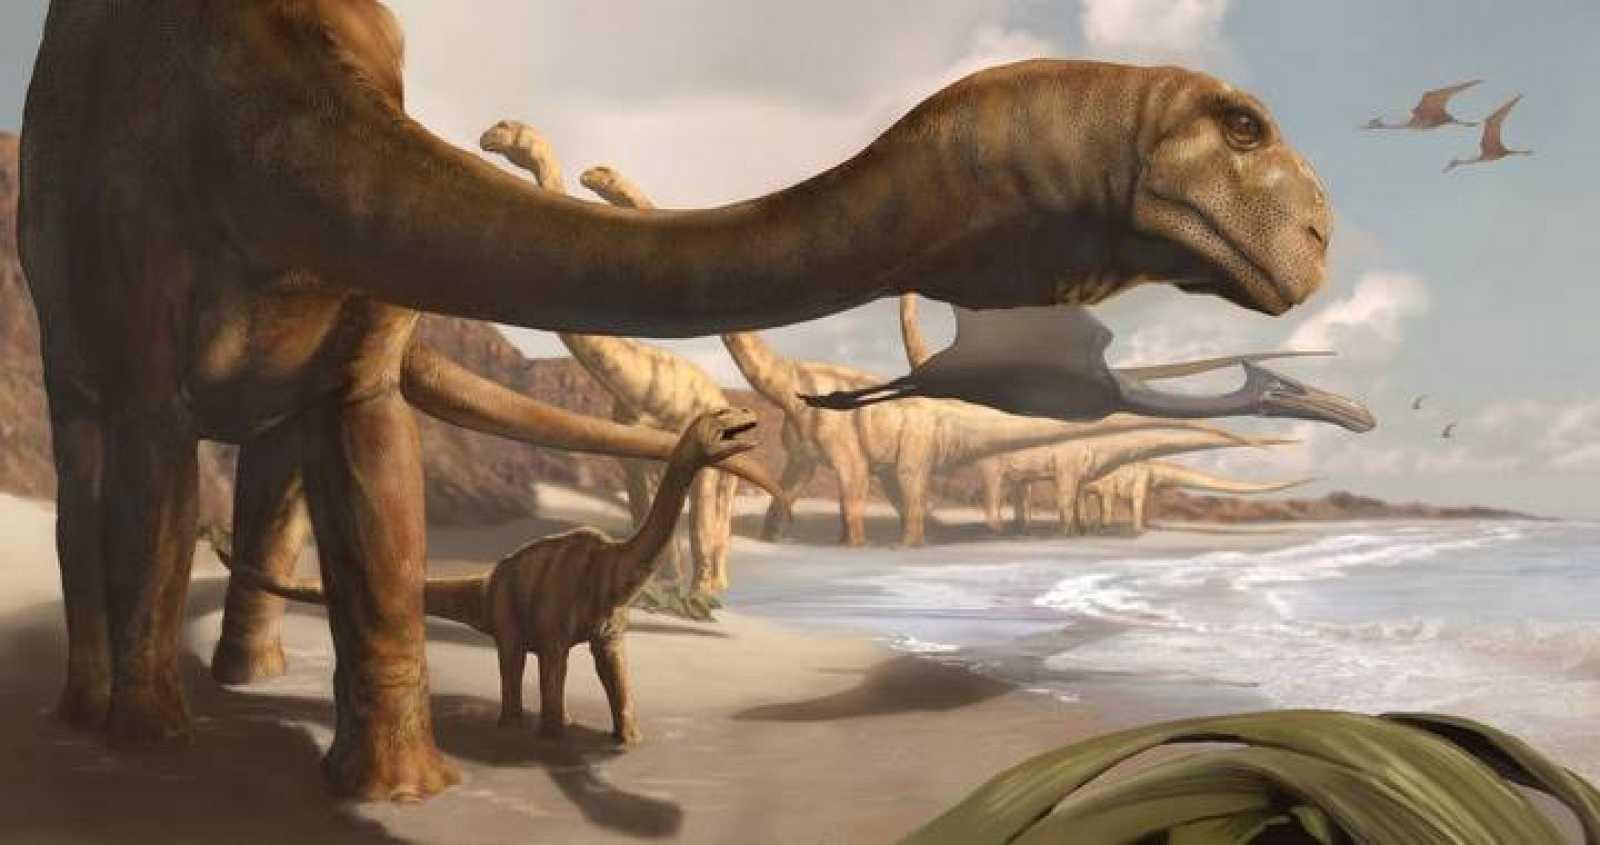 Recreación artística del gigante angoleño Adamastor, el último saurópodo primitivo